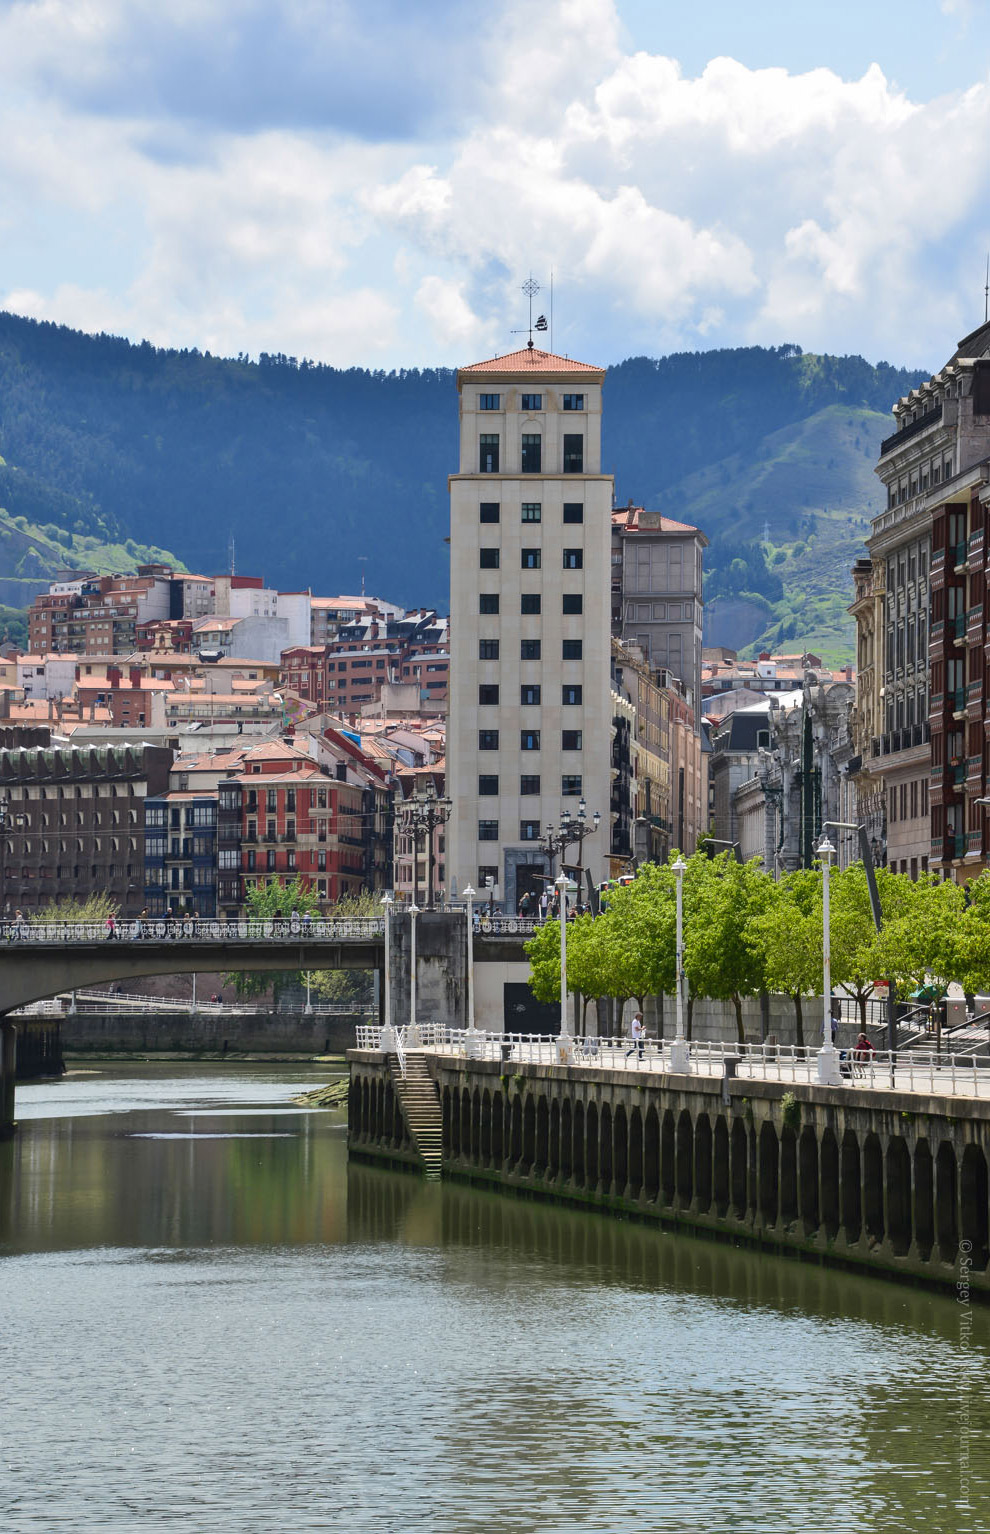 19. Разводной мост Puente del Ayuntamiento, название переводится как «мост городской Ратуши». К